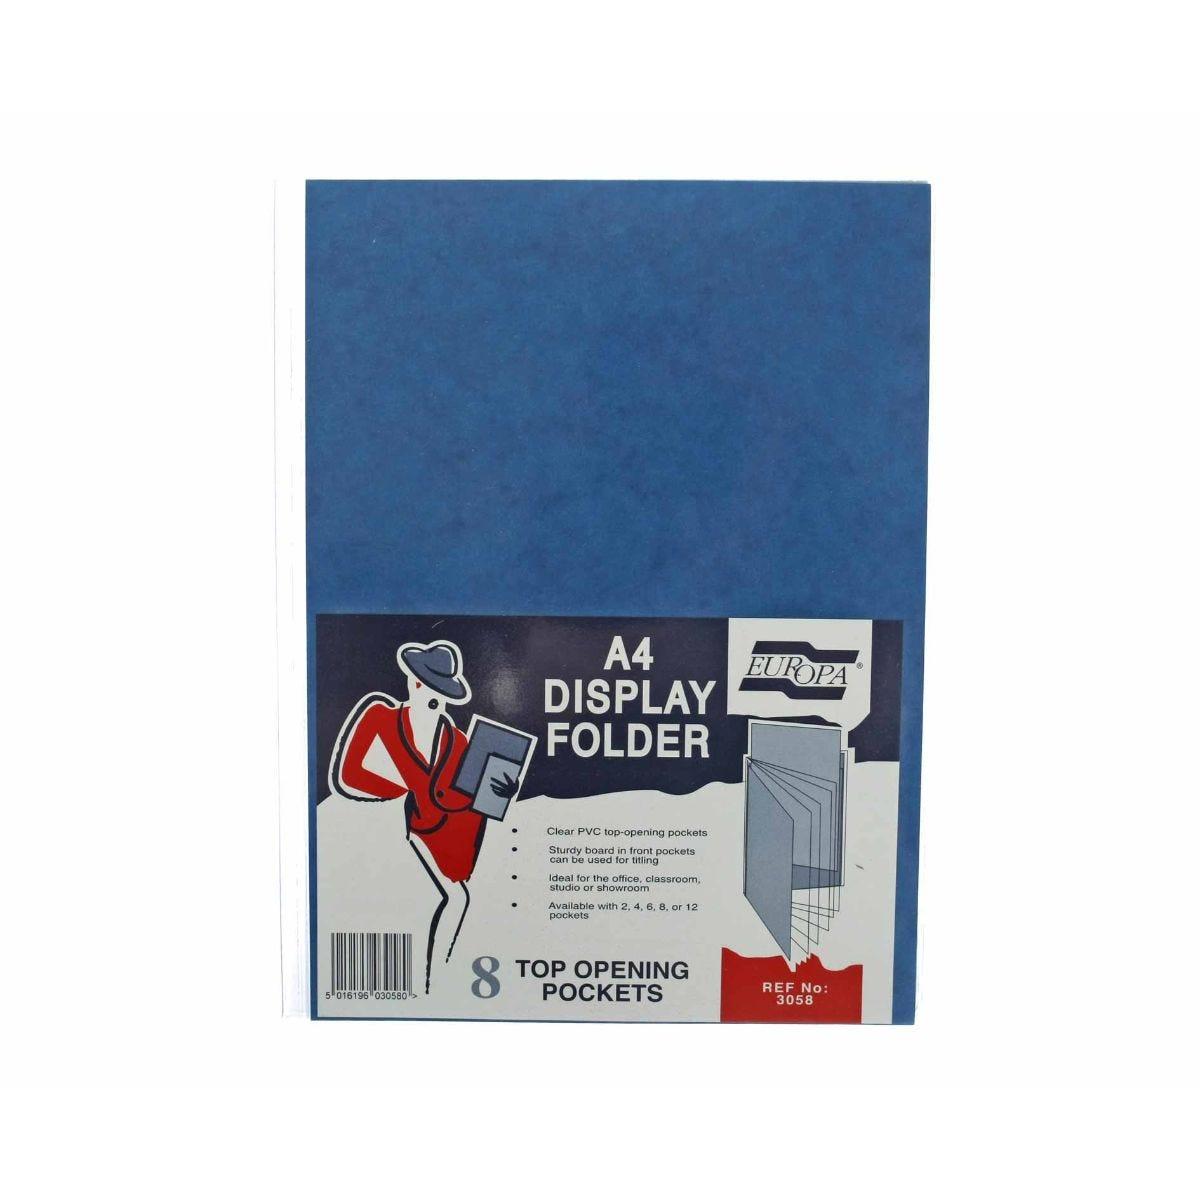 Office Supplies Europa Display Folder A4 8 Pockets, Blue